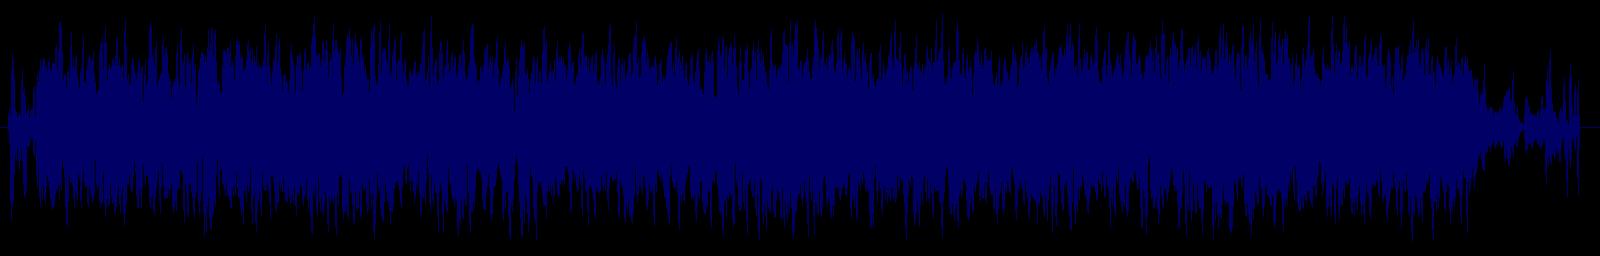 waveform of track #145432